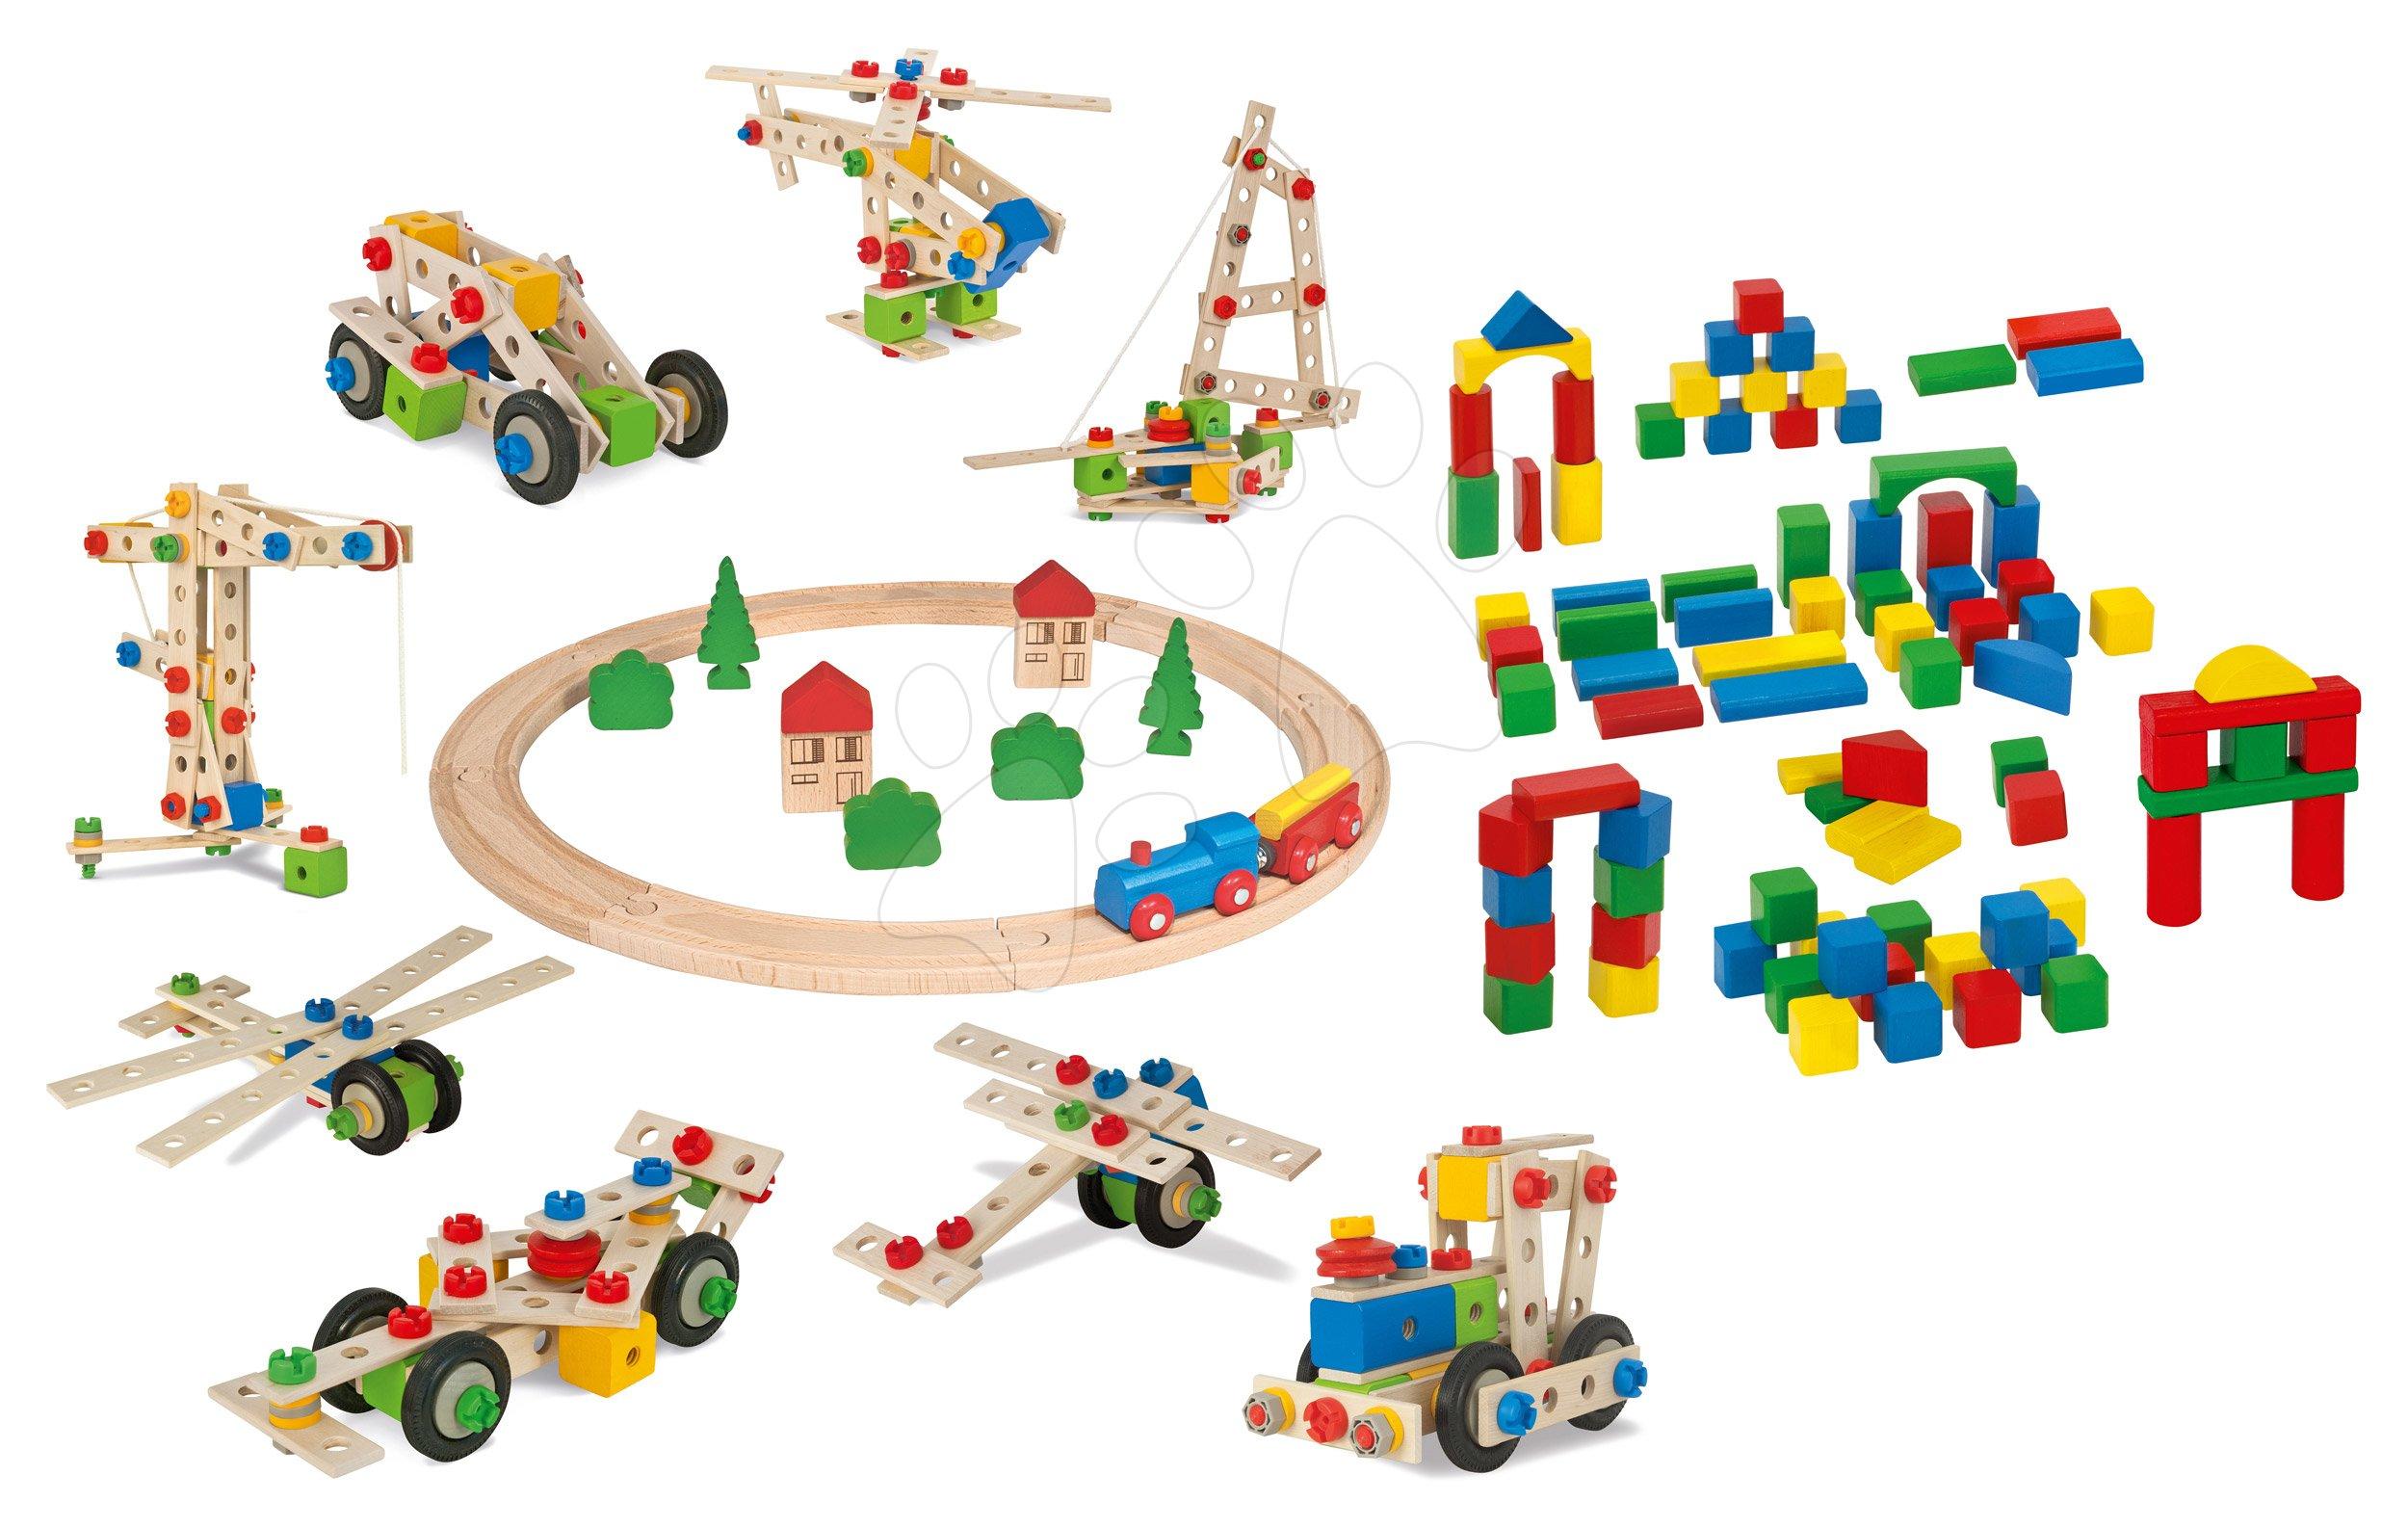 Fa készlet Wooden Toy Assortment 3in1 Eichhorn vasúti pálya 20 drabos építőjáték 85 darabos és kockák 85 drb 1-3 éves korosztálynak EH2055